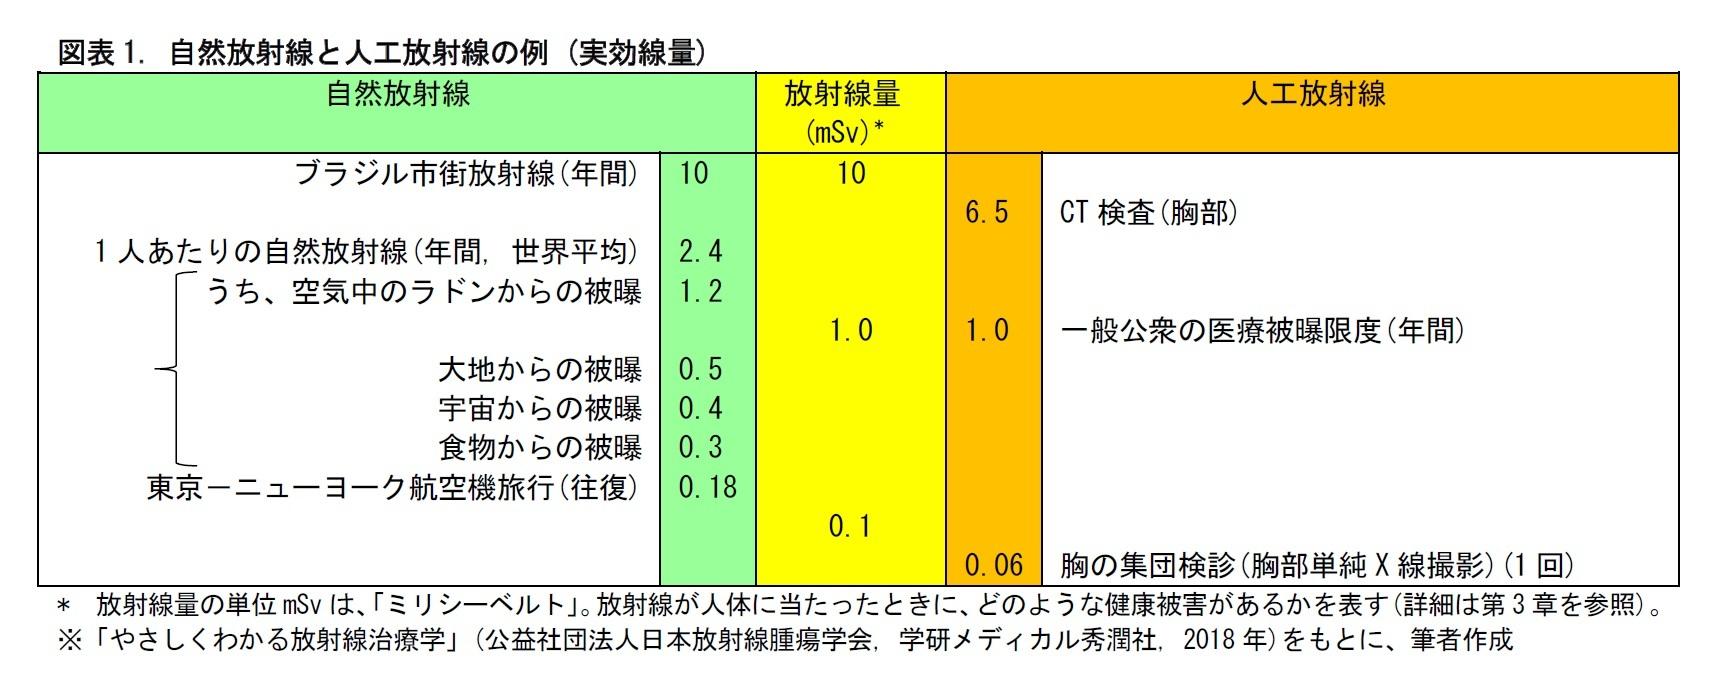 図表1. 自然放射線と人工放射線の例 (実効線量)